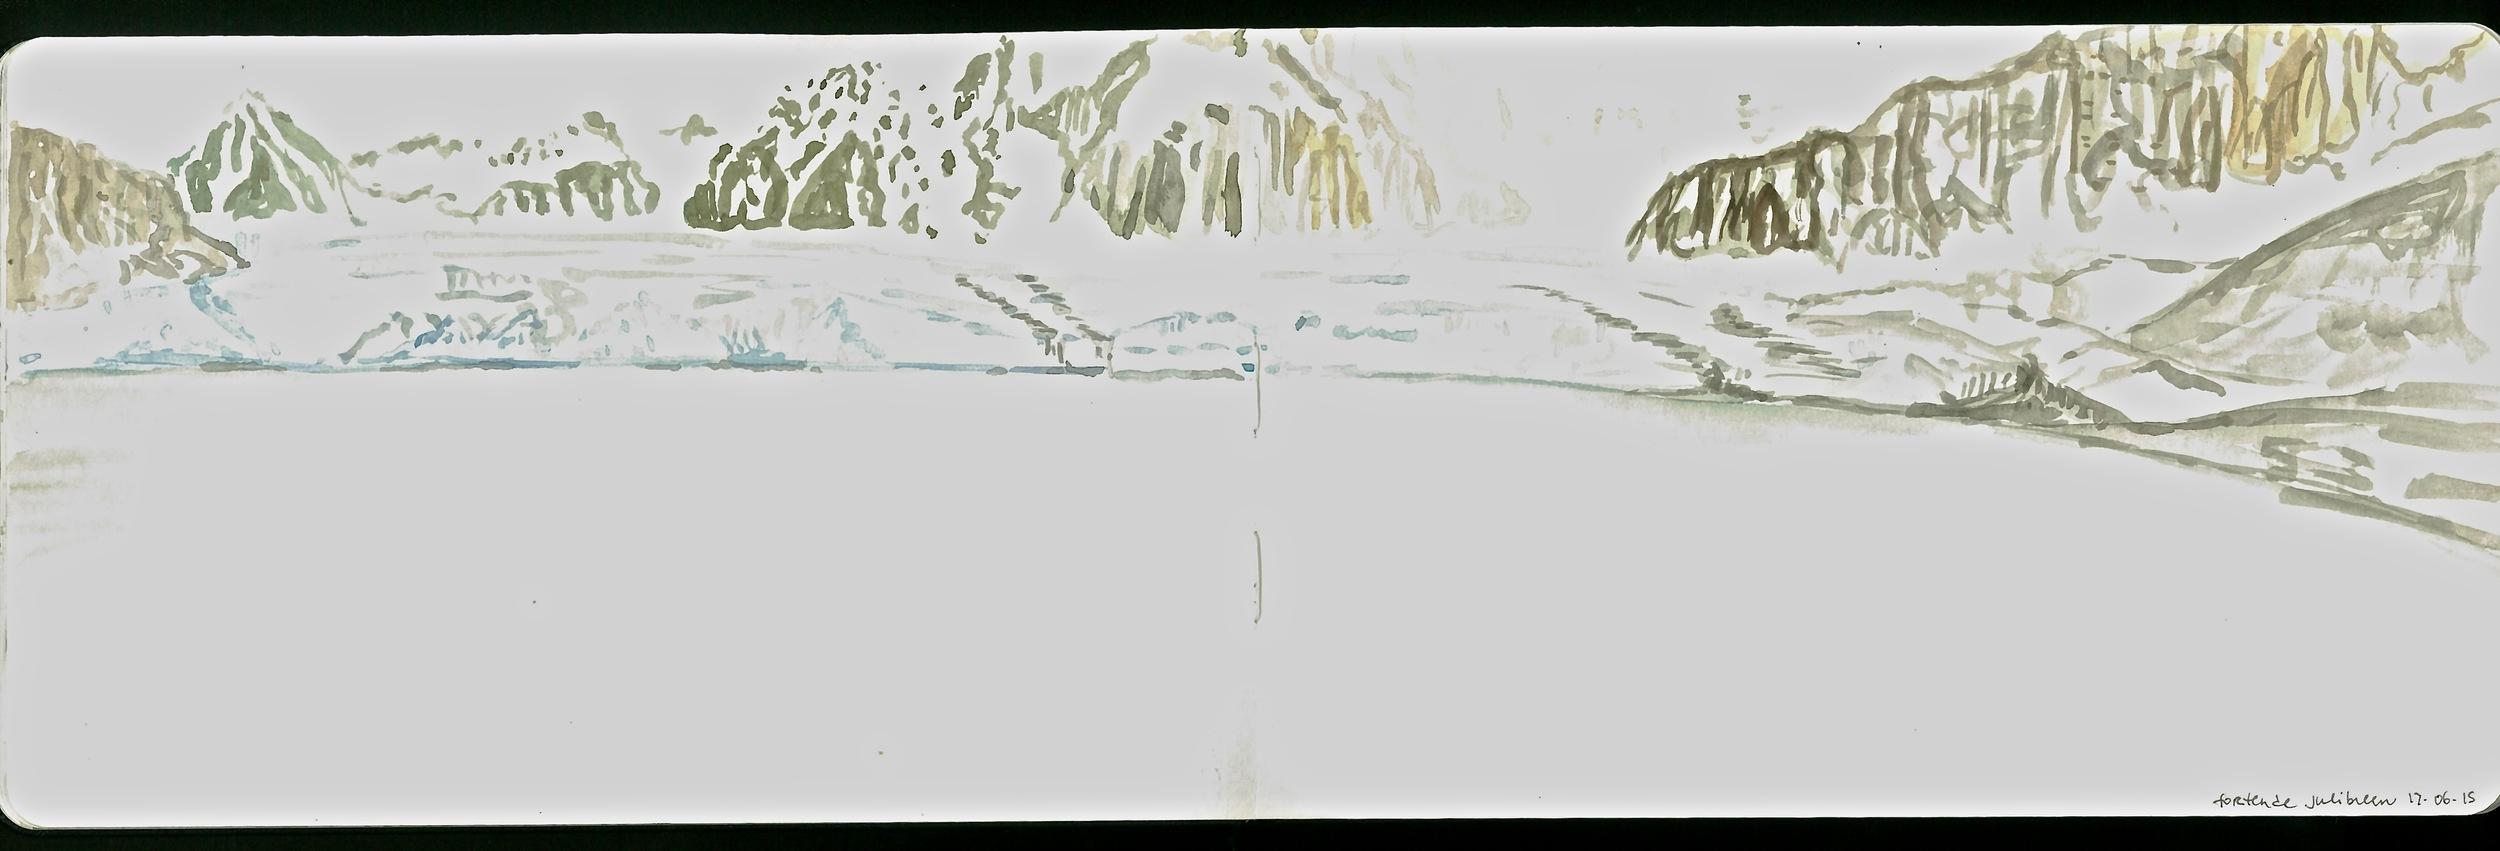 artsketch2-0017.jpg